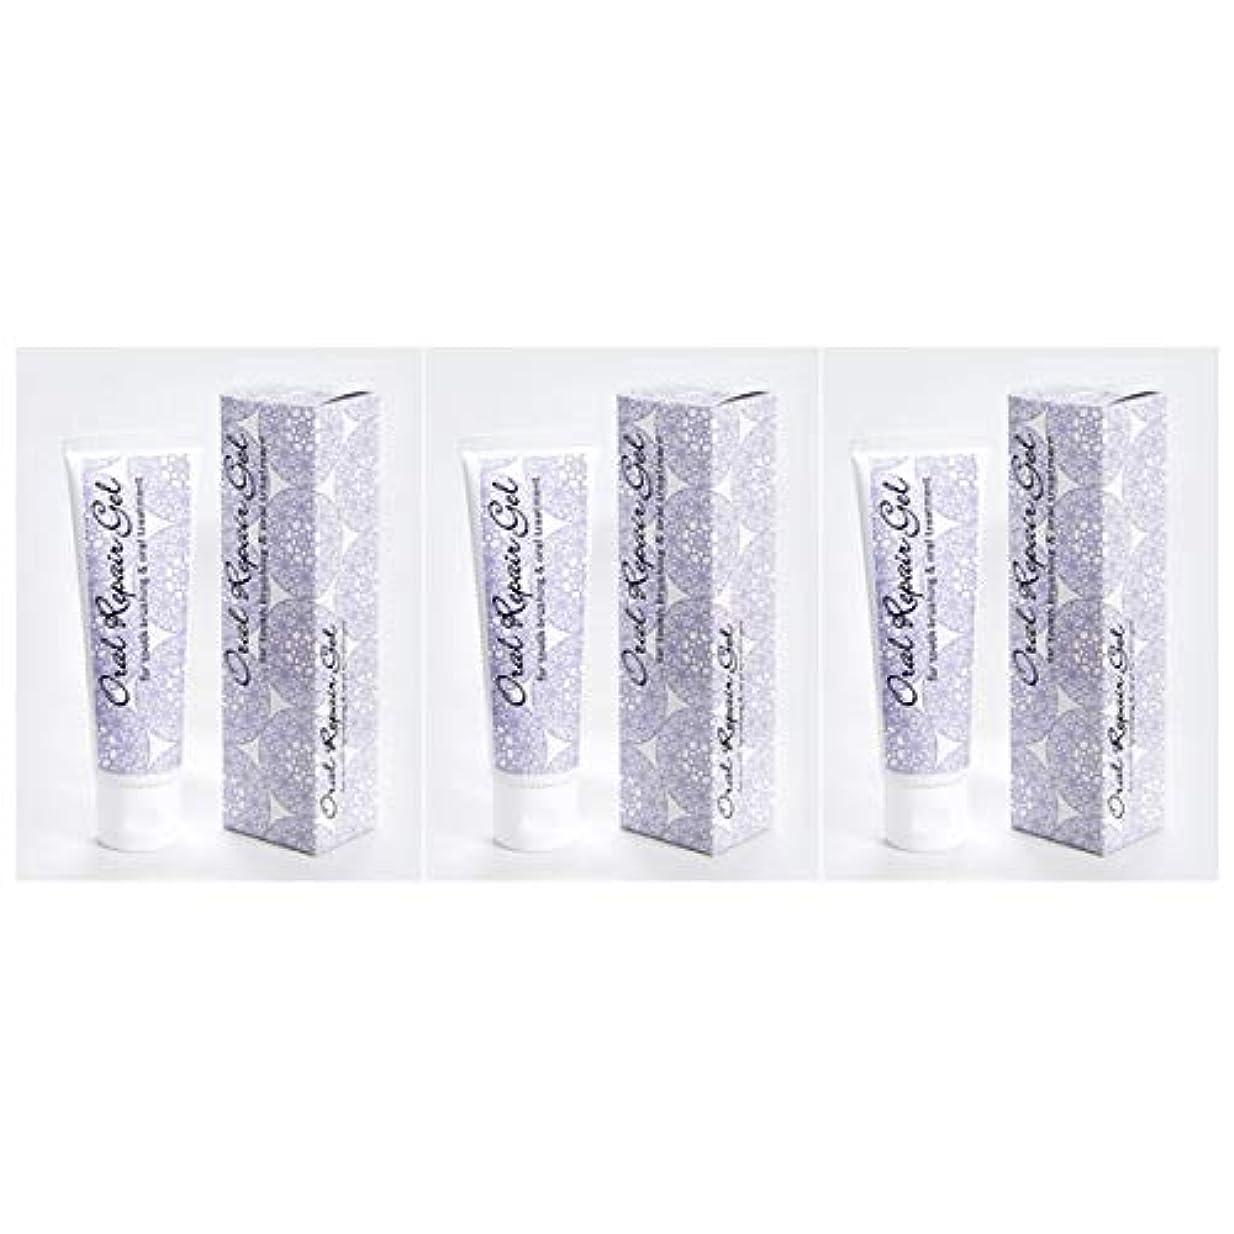 パイント好ましい頑固なオーラルリペアジェル3個セット(80g×3個) 天然アパタイト+乳酸菌生産物質配合の無添加歯磨き剤